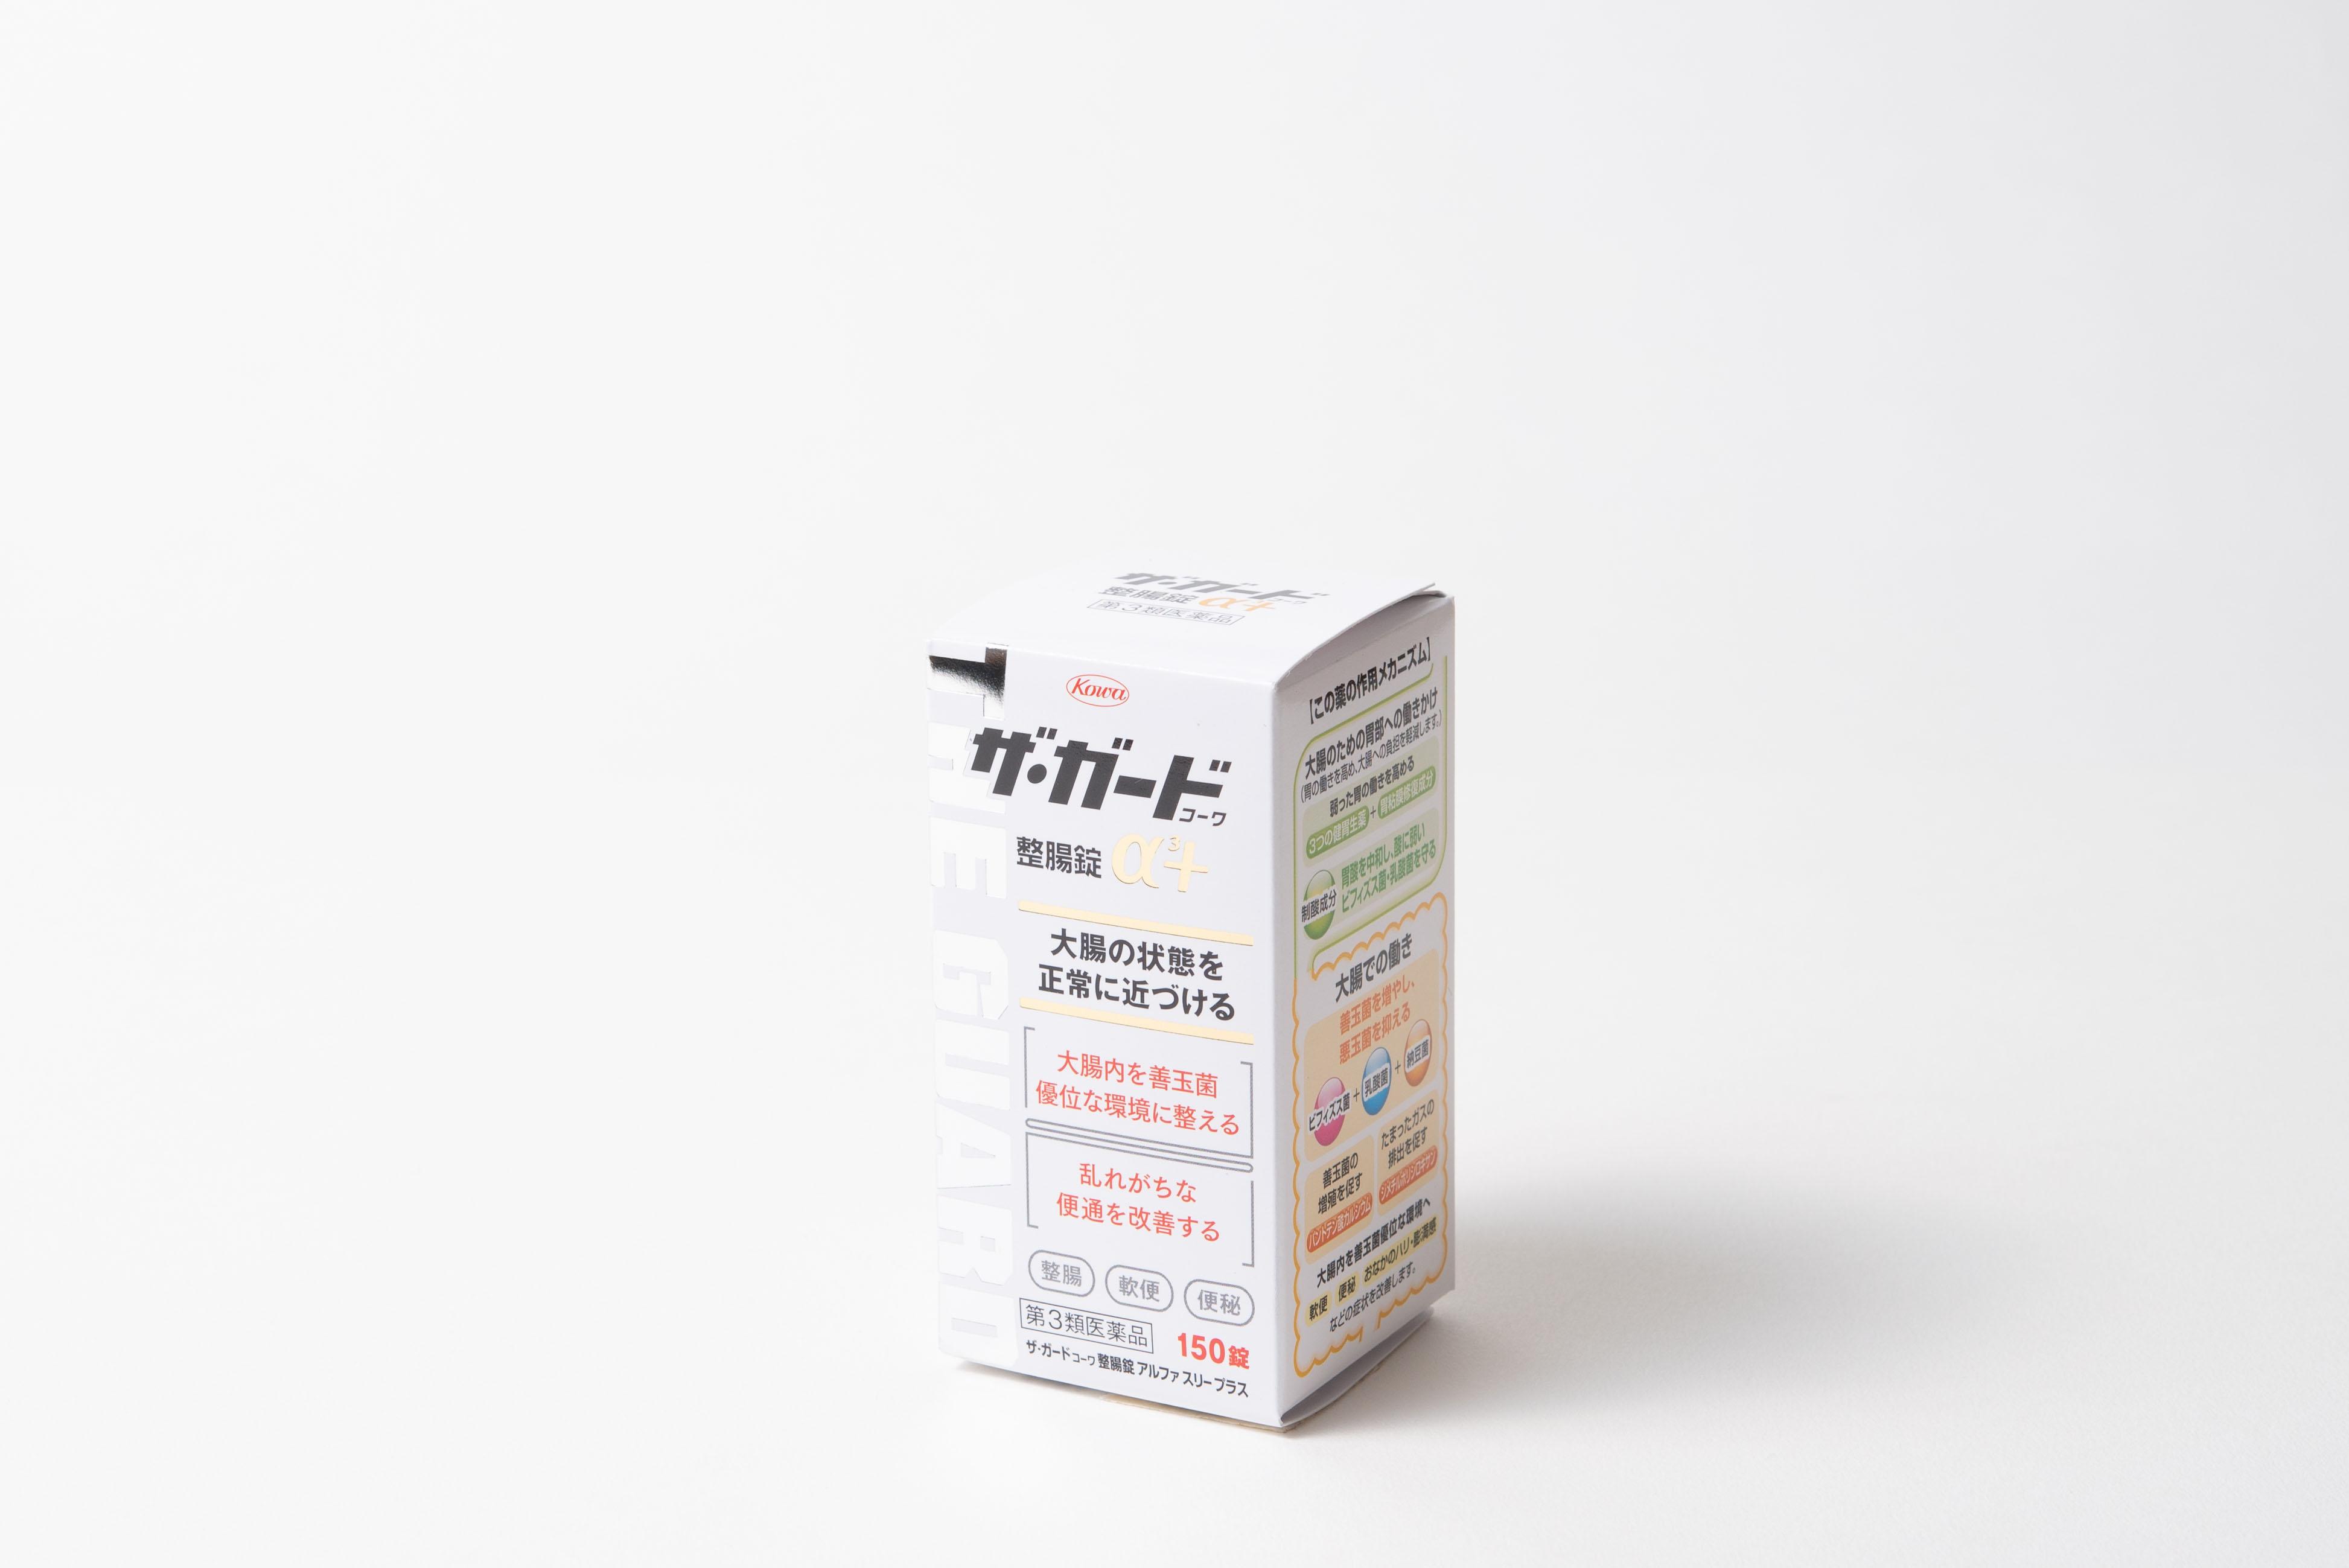 ザ・ガードコーワ整腸錠α3+150錠の商品写真